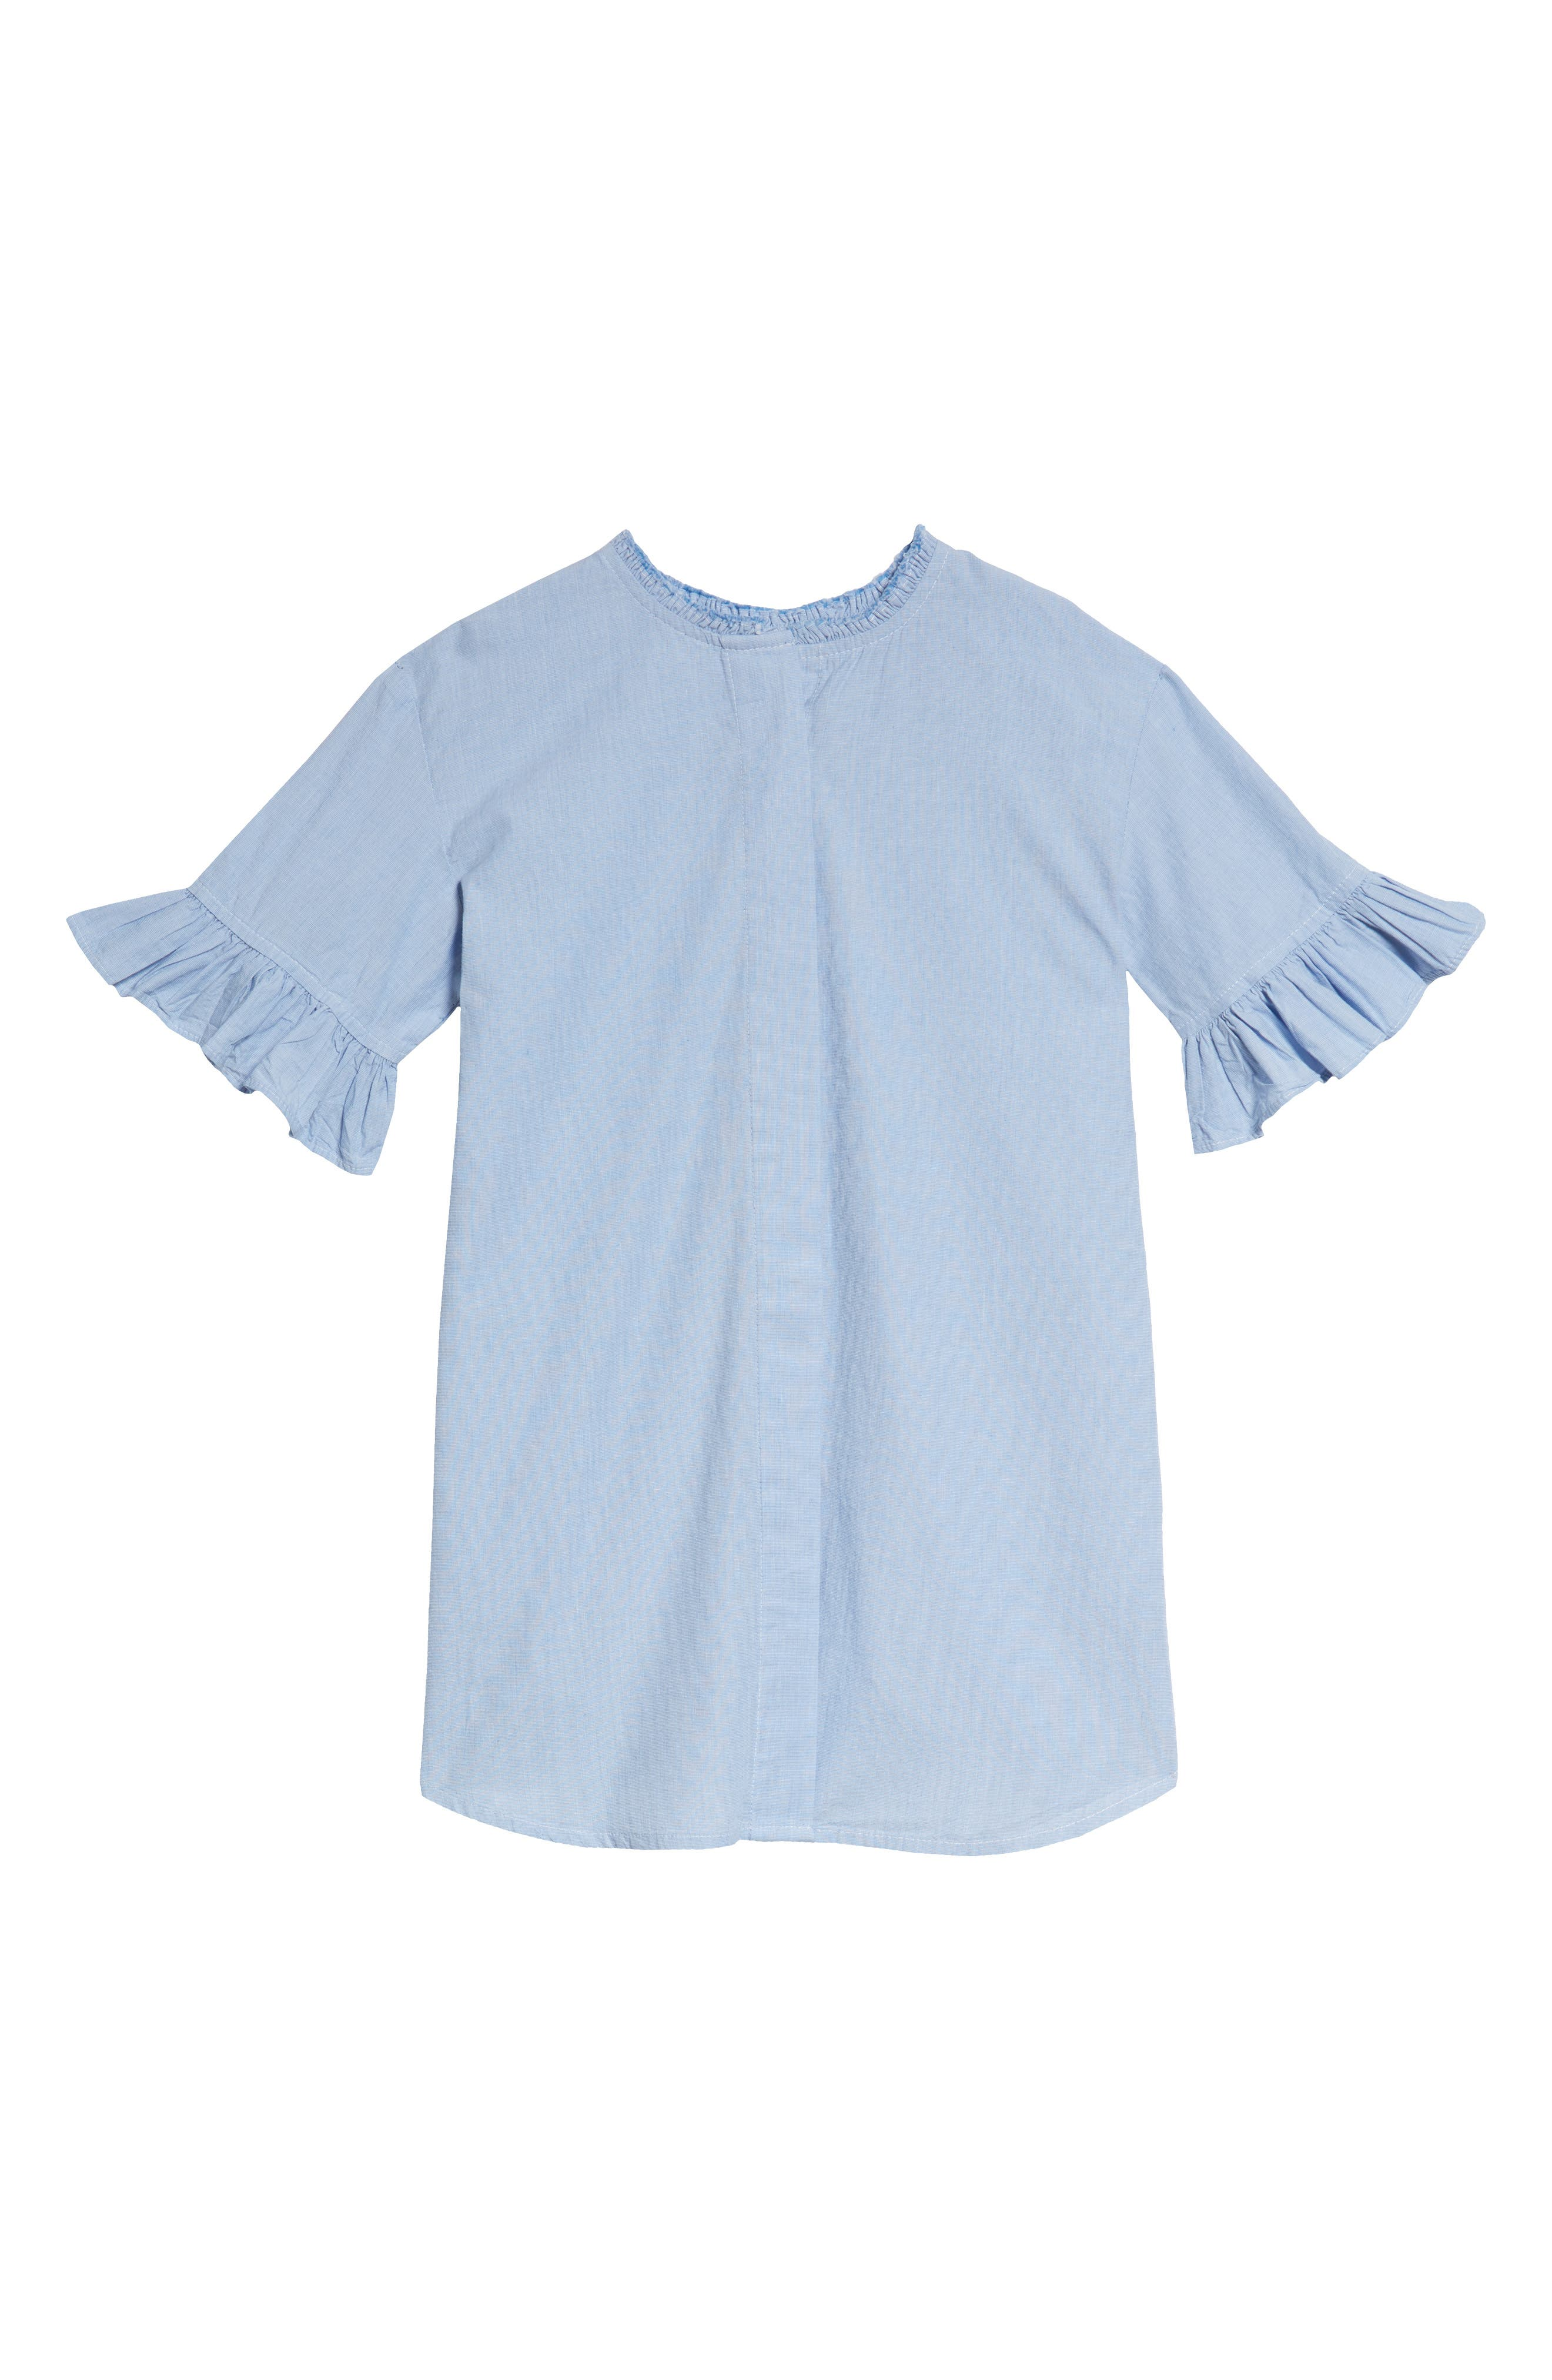 Ruffle Shirtdress,                             Main thumbnail 1, color,                             Blue Chambray Grid